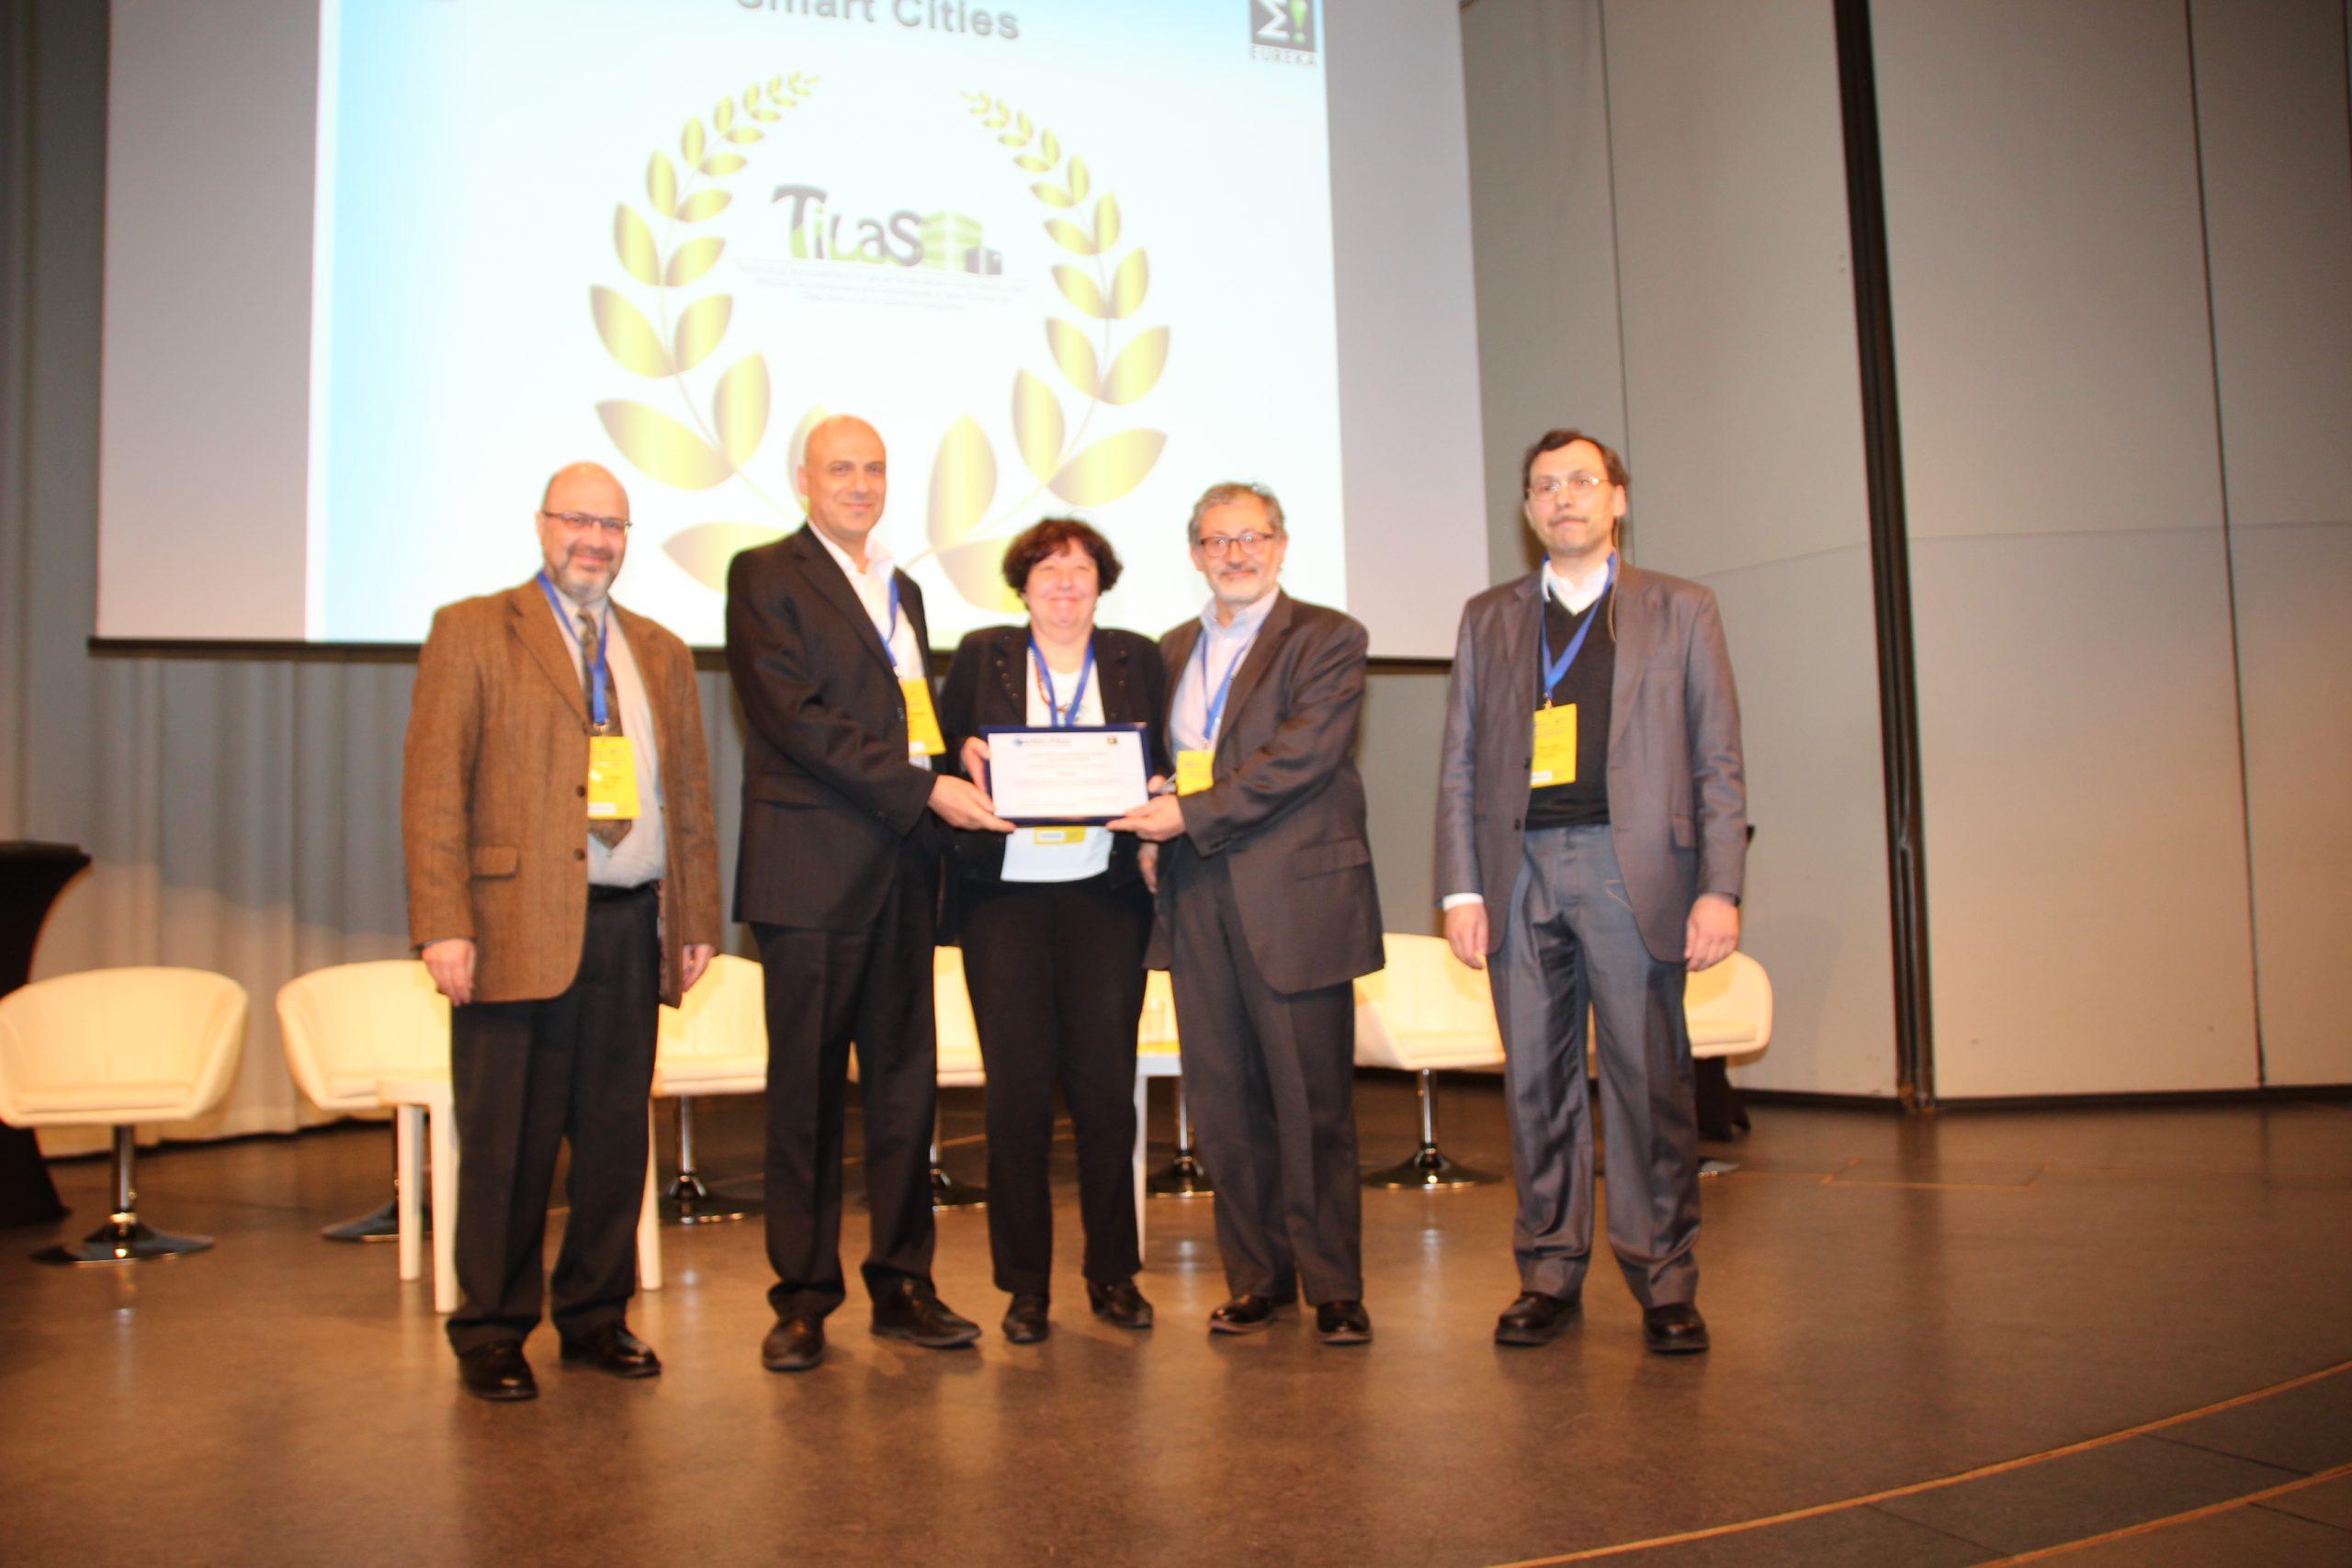 Premio Celtic-Plus Samrt Cities